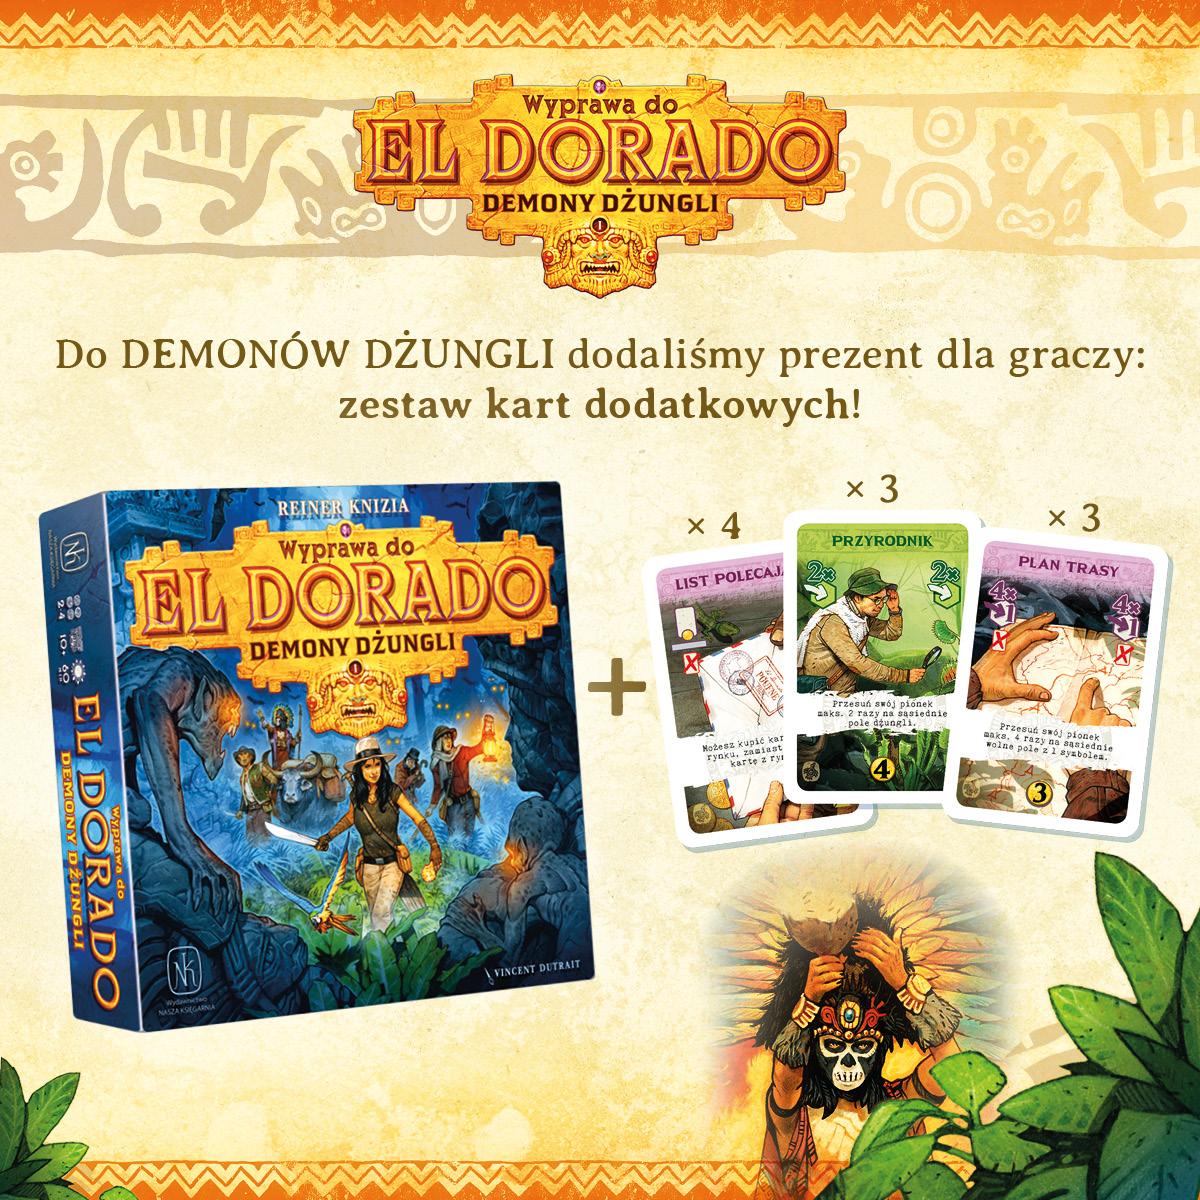 Wyprawa do El Dorado Demony dżungli